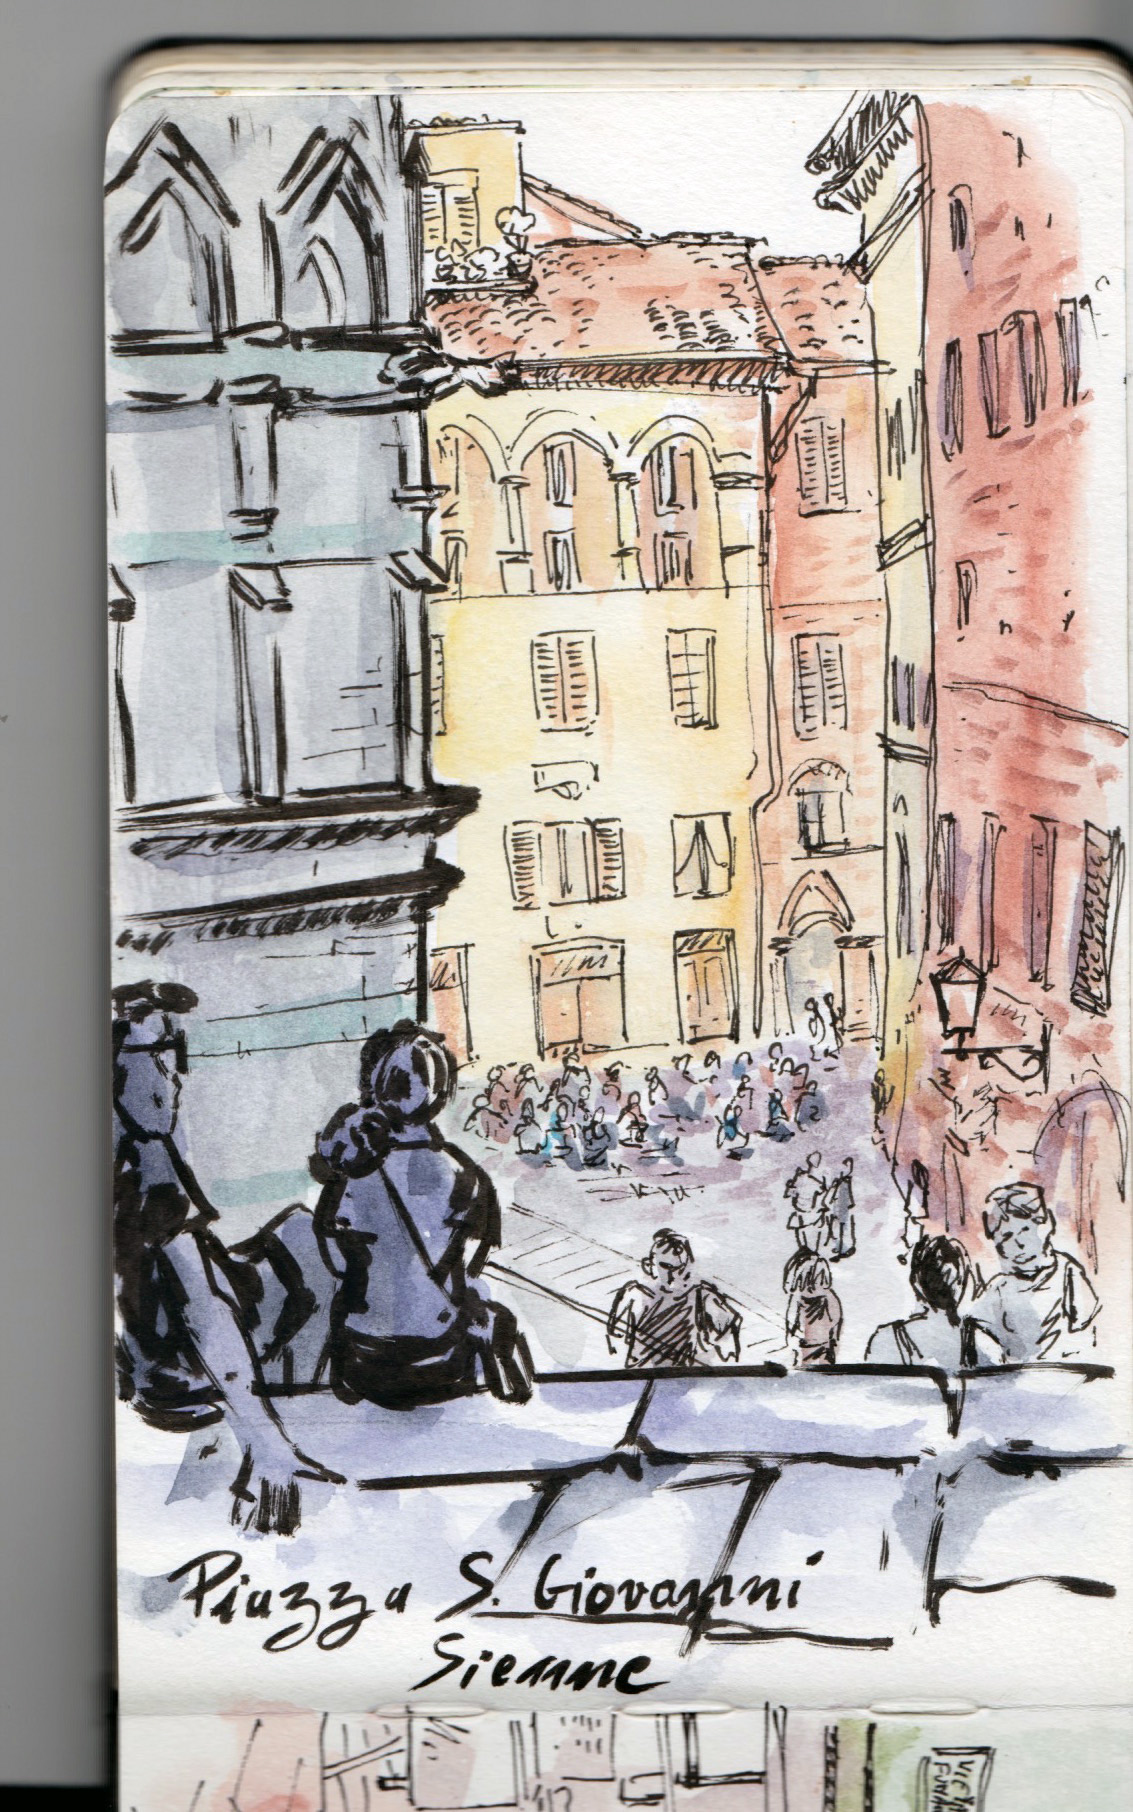 Piazza S. Gioanni — Sienne